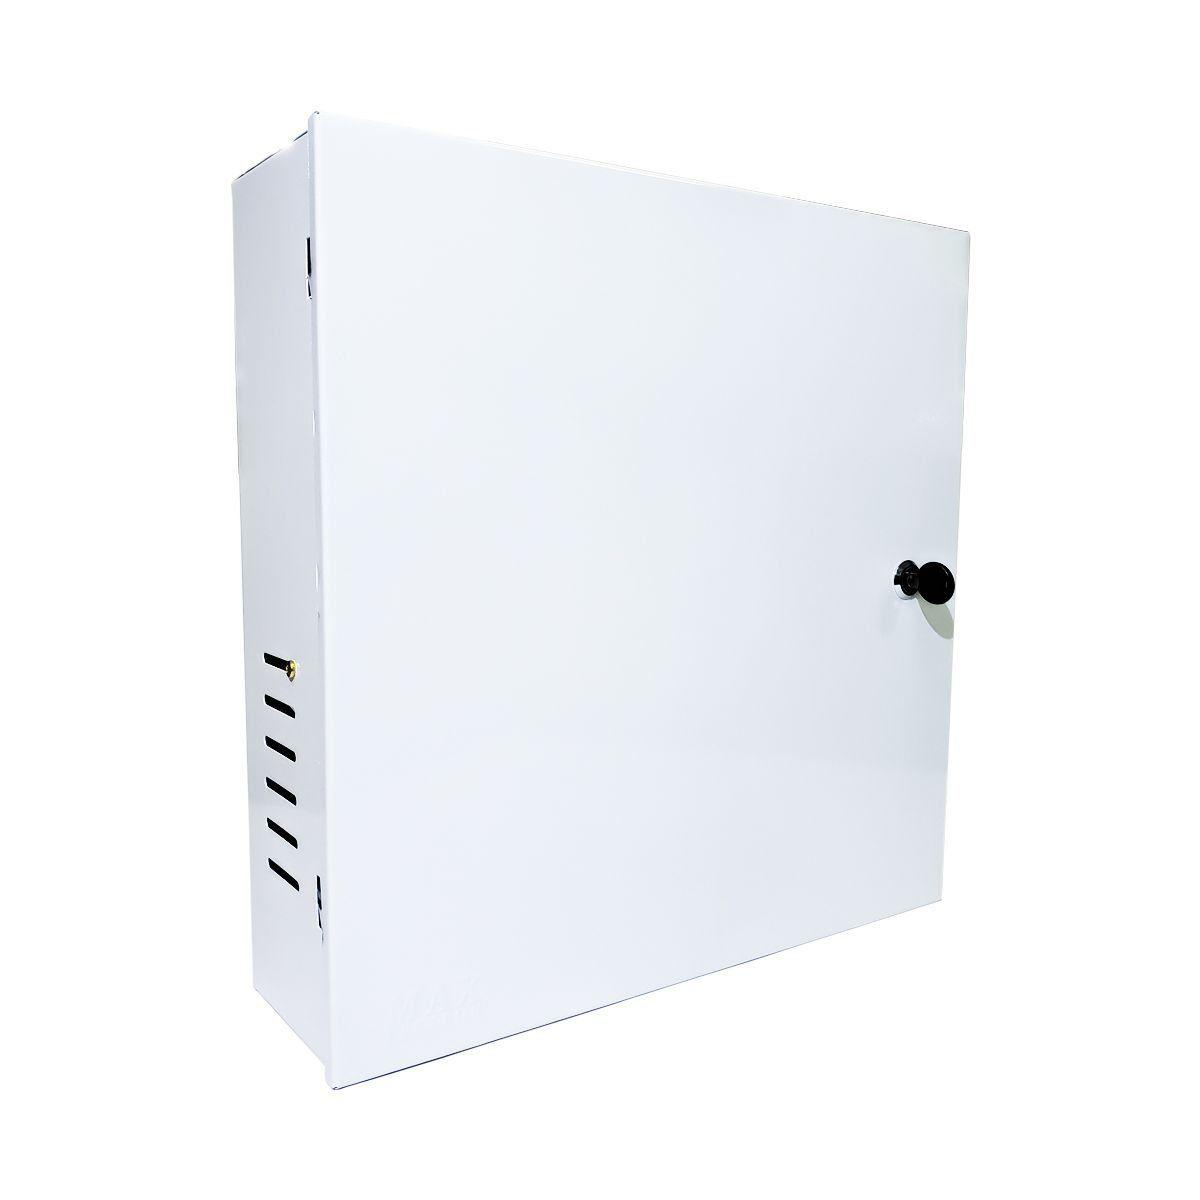 Rack Vertical Fine c/ Placa Eletrônica 16 Canais Max Eletron